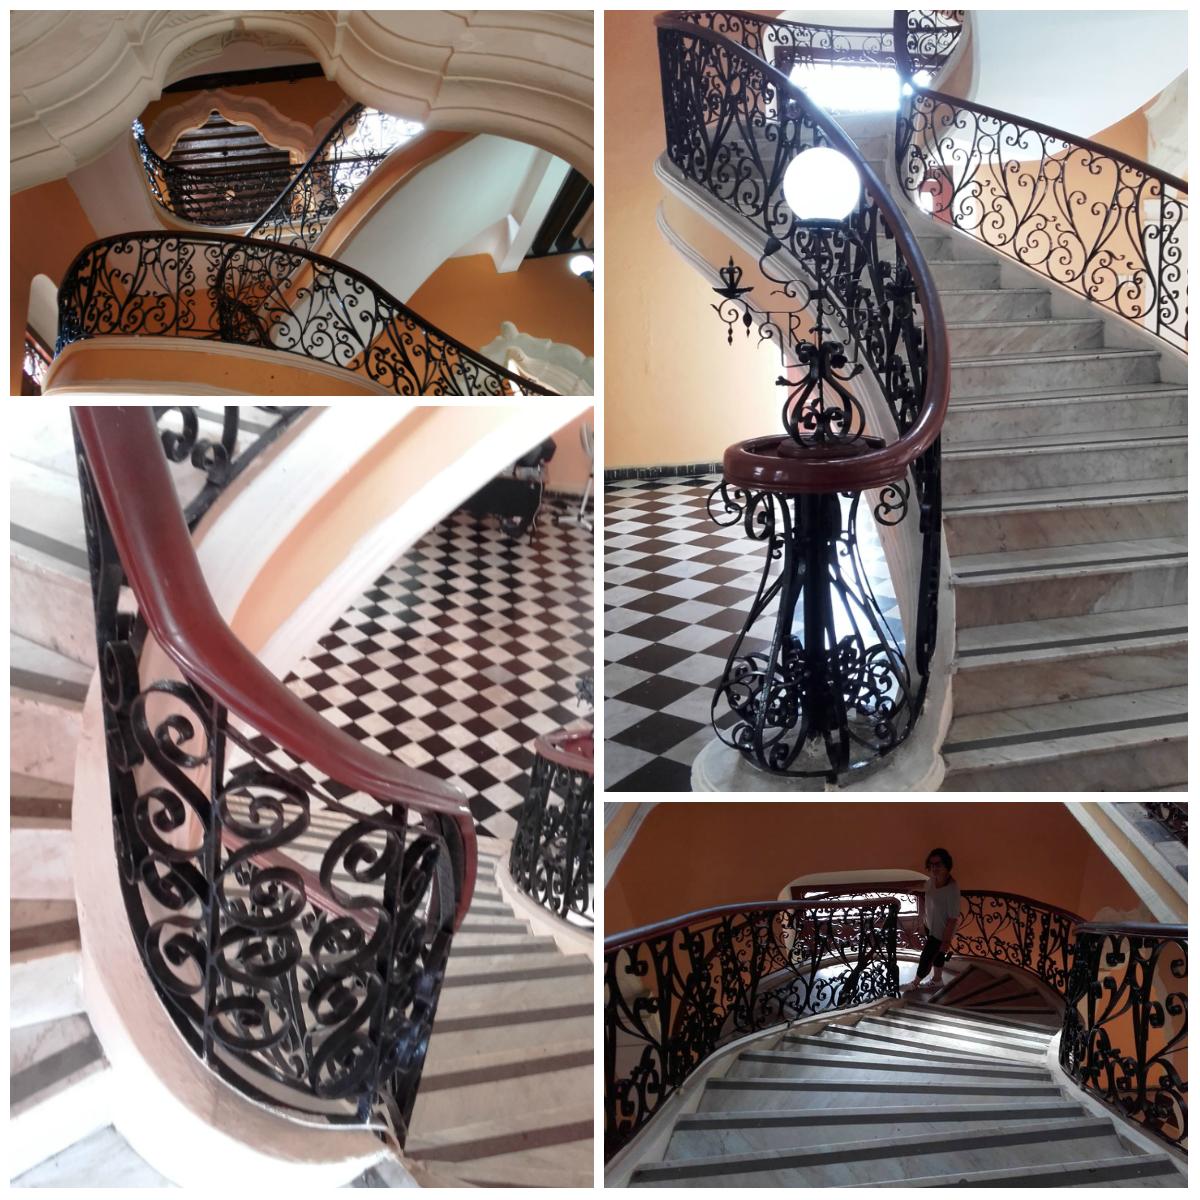 escalera Casa Montejo.jpg